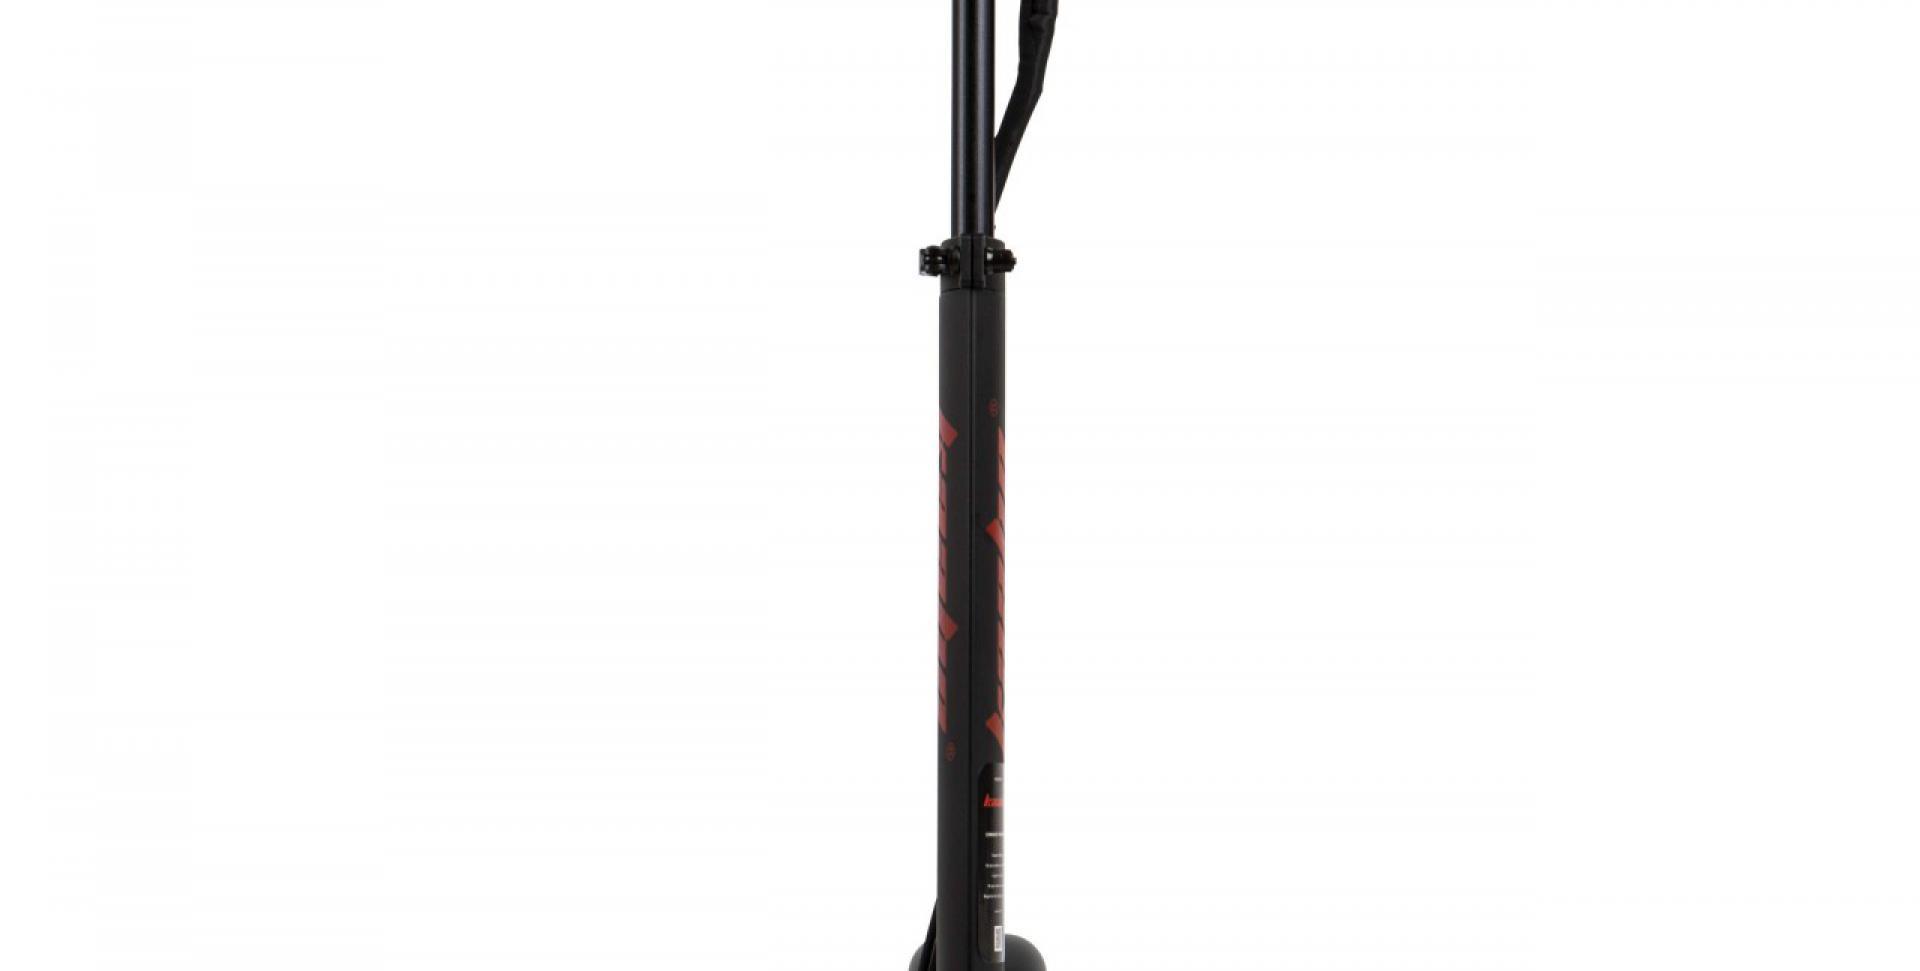 Kopia hulajnoga-elektryczna-kaabo-skywalker-8 (3)_wynik.jpg